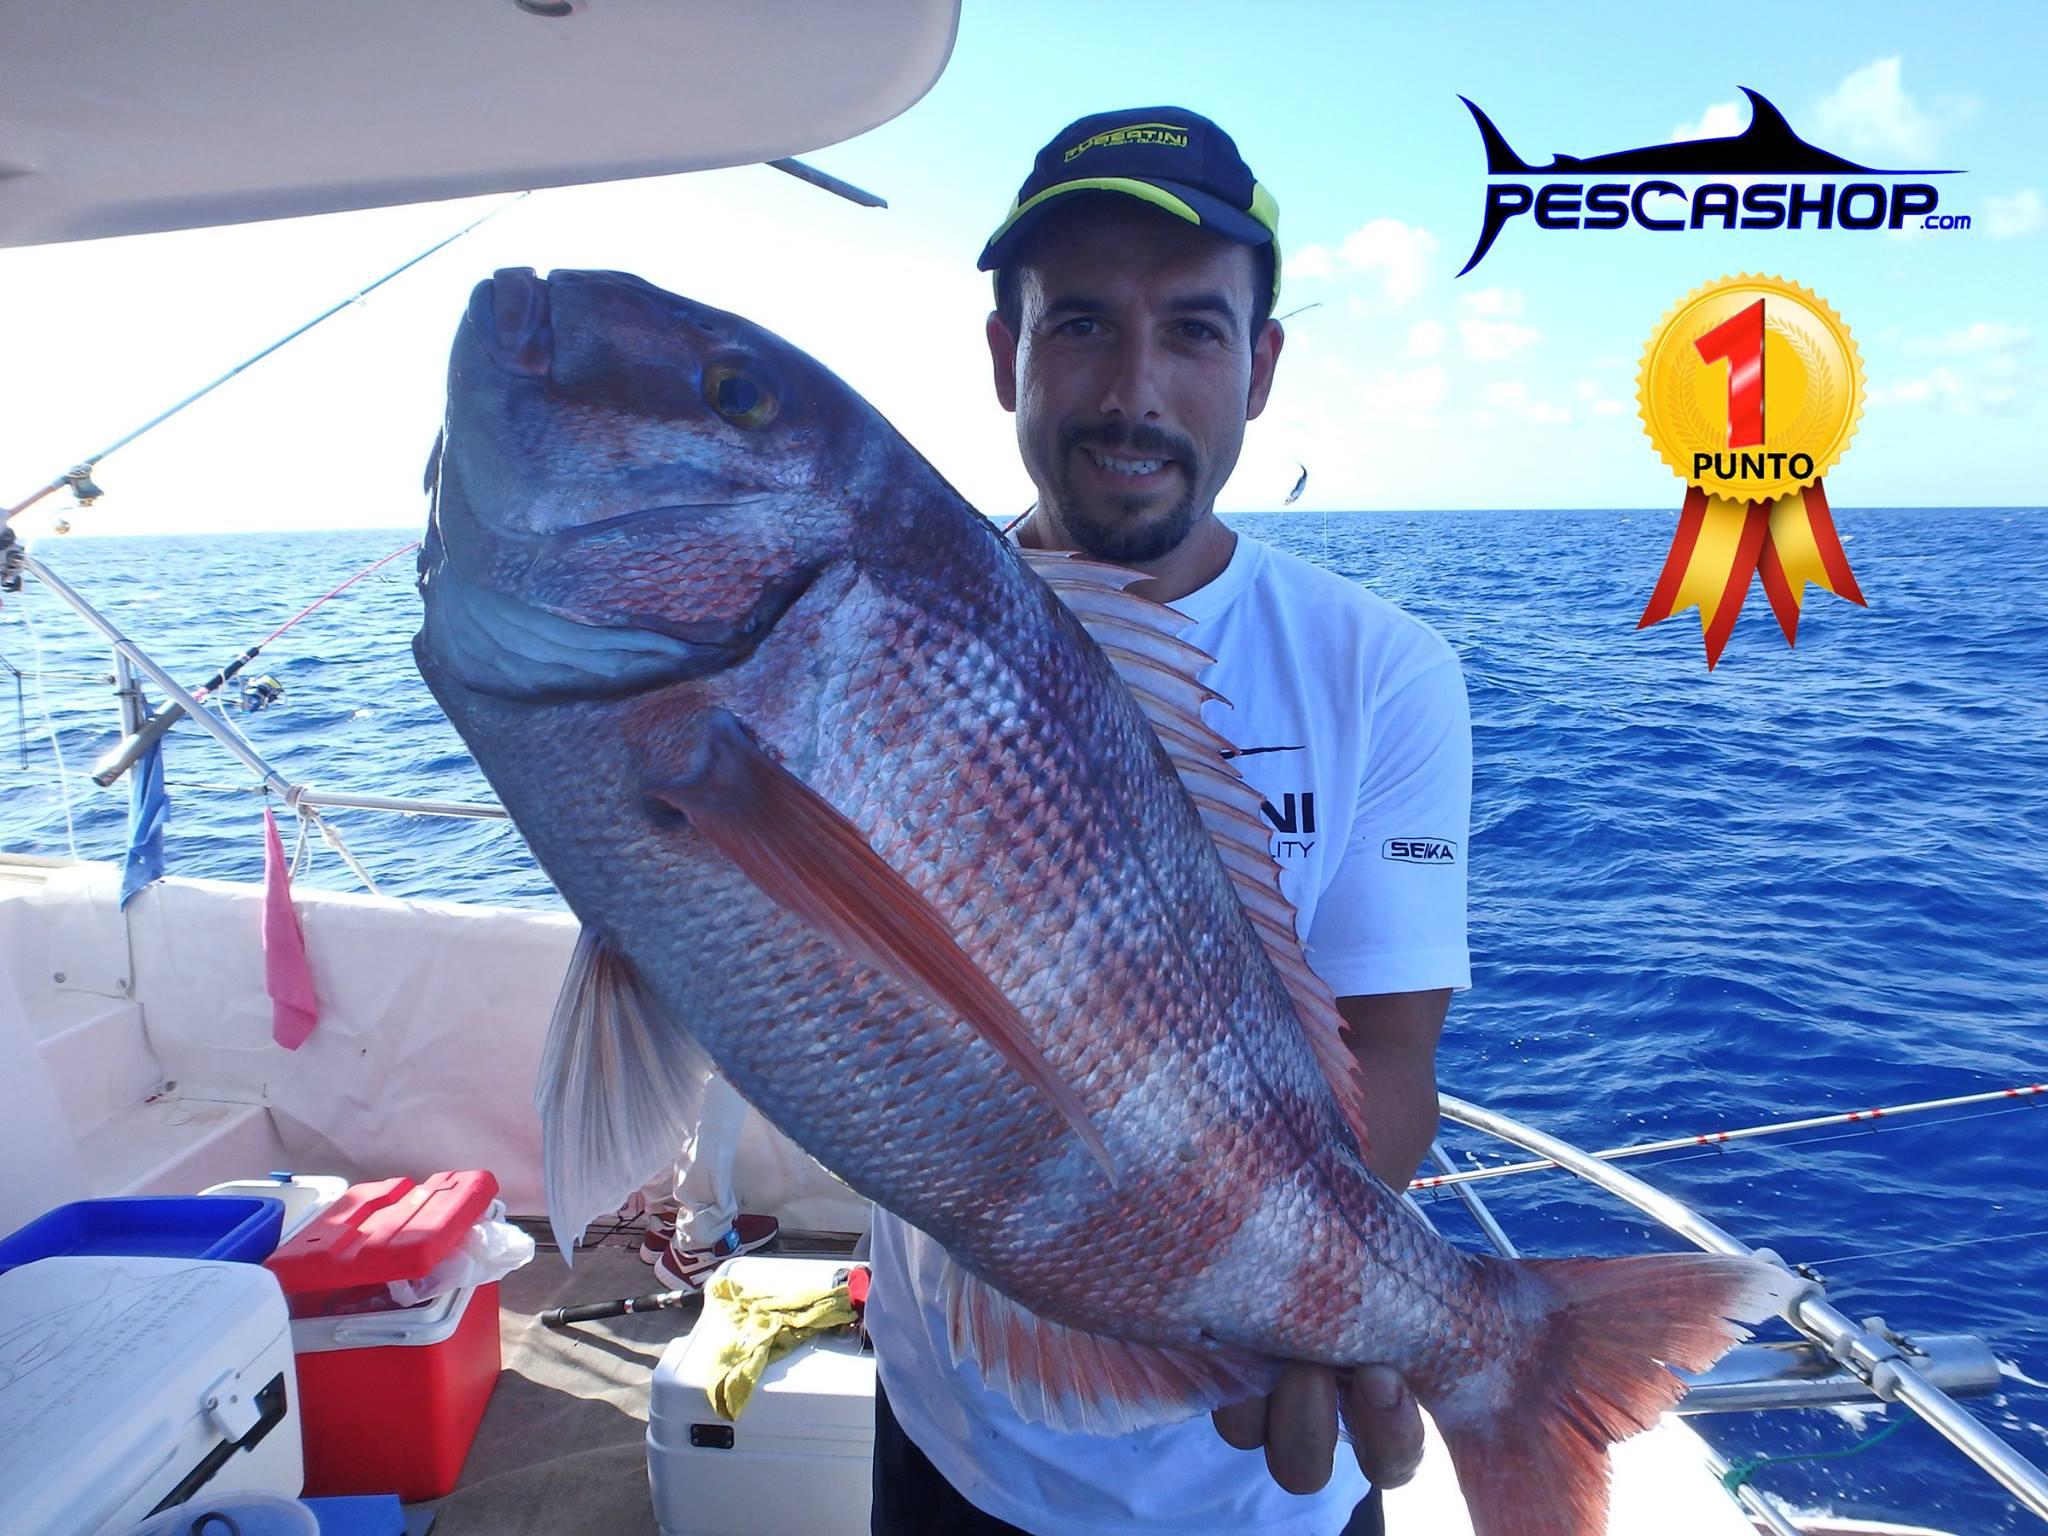 pesca valencia pescashop pargo 3.430kg